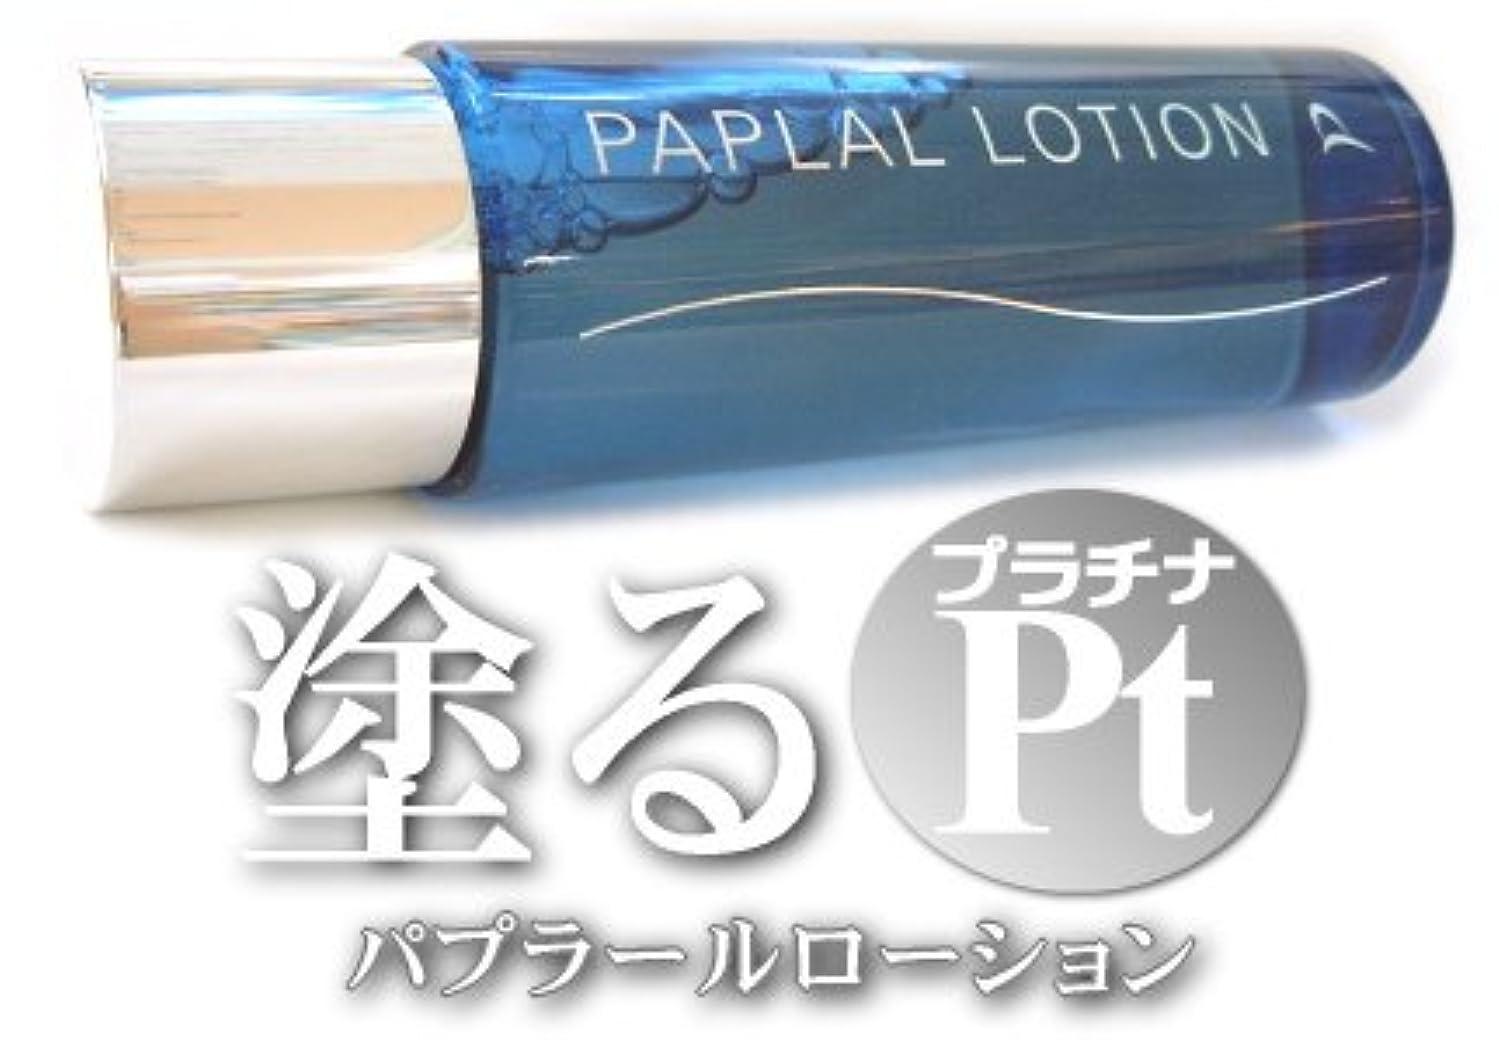 十分な化学薬品検体ブライトニング パプラールローション150ml